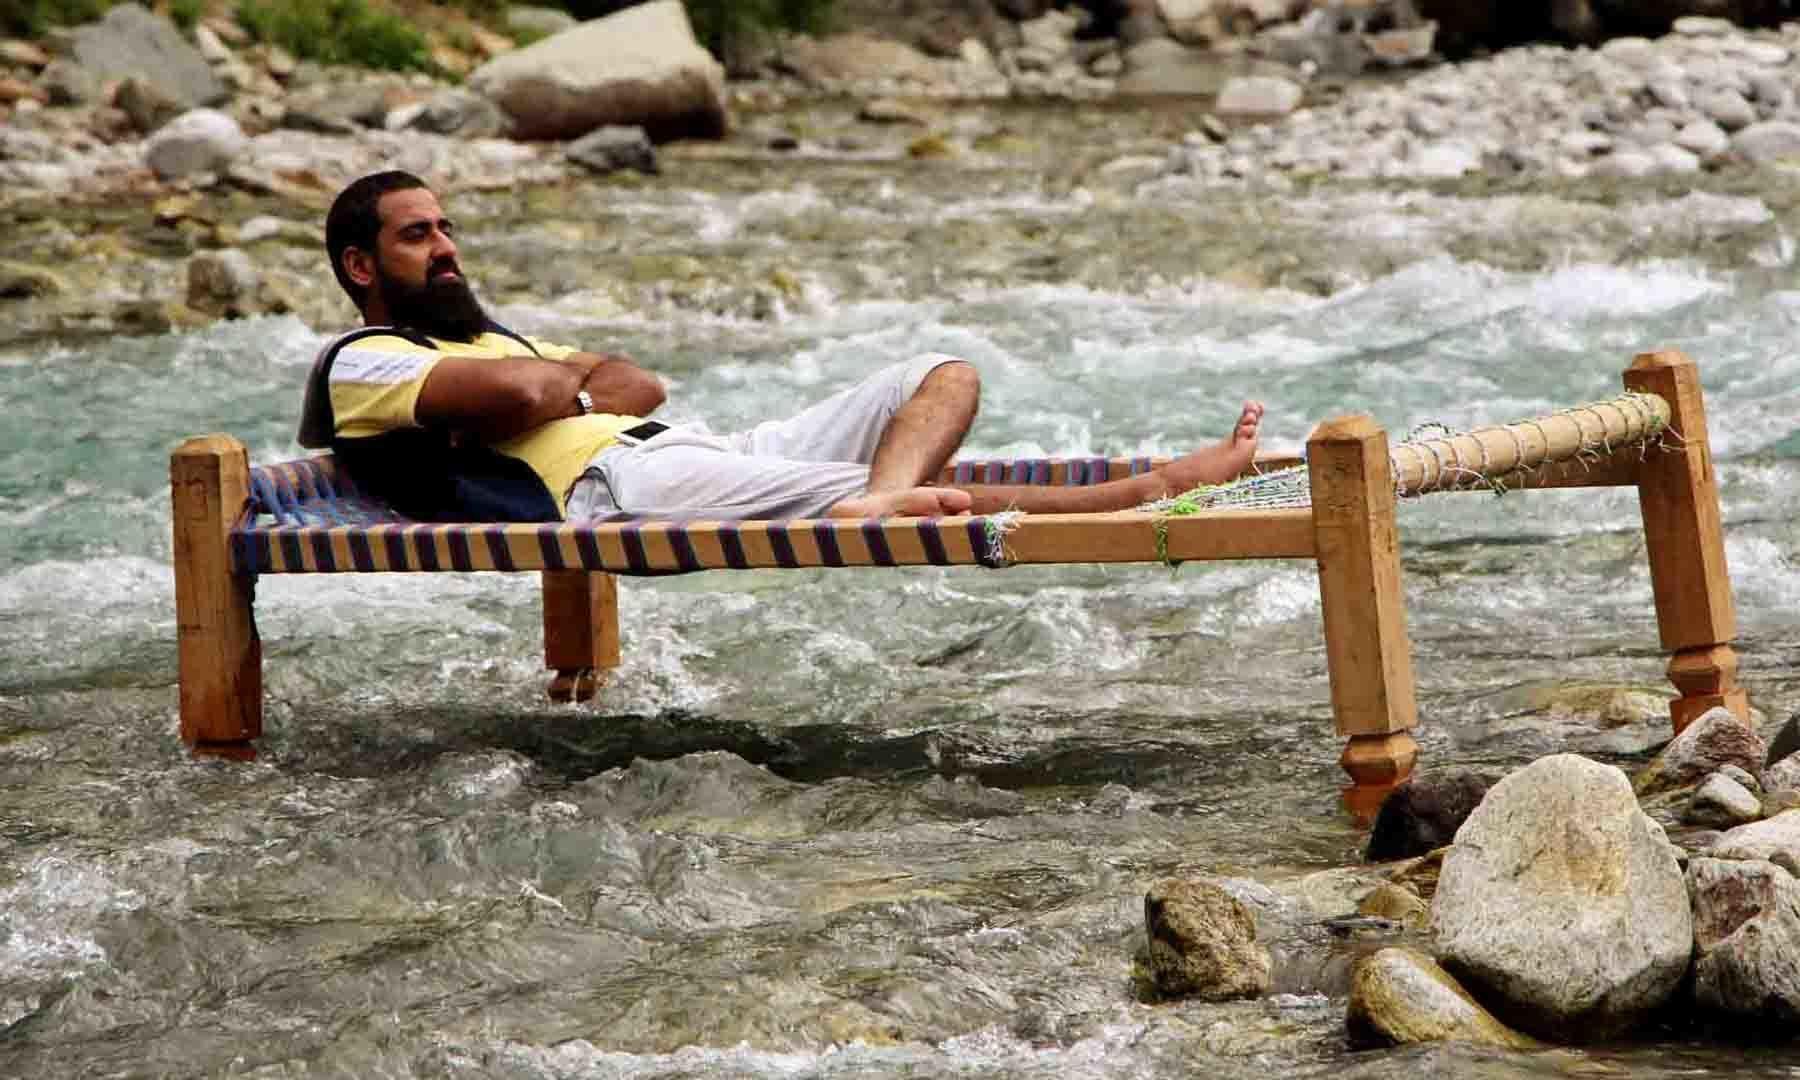 ایک سیاح دریائے سوات کے کنارے مشہور سیاحتی مقام بلیو واٹر میں سکون کے لمحات کشید کر رہا ہے—فوٹو: امجد علی سحاب